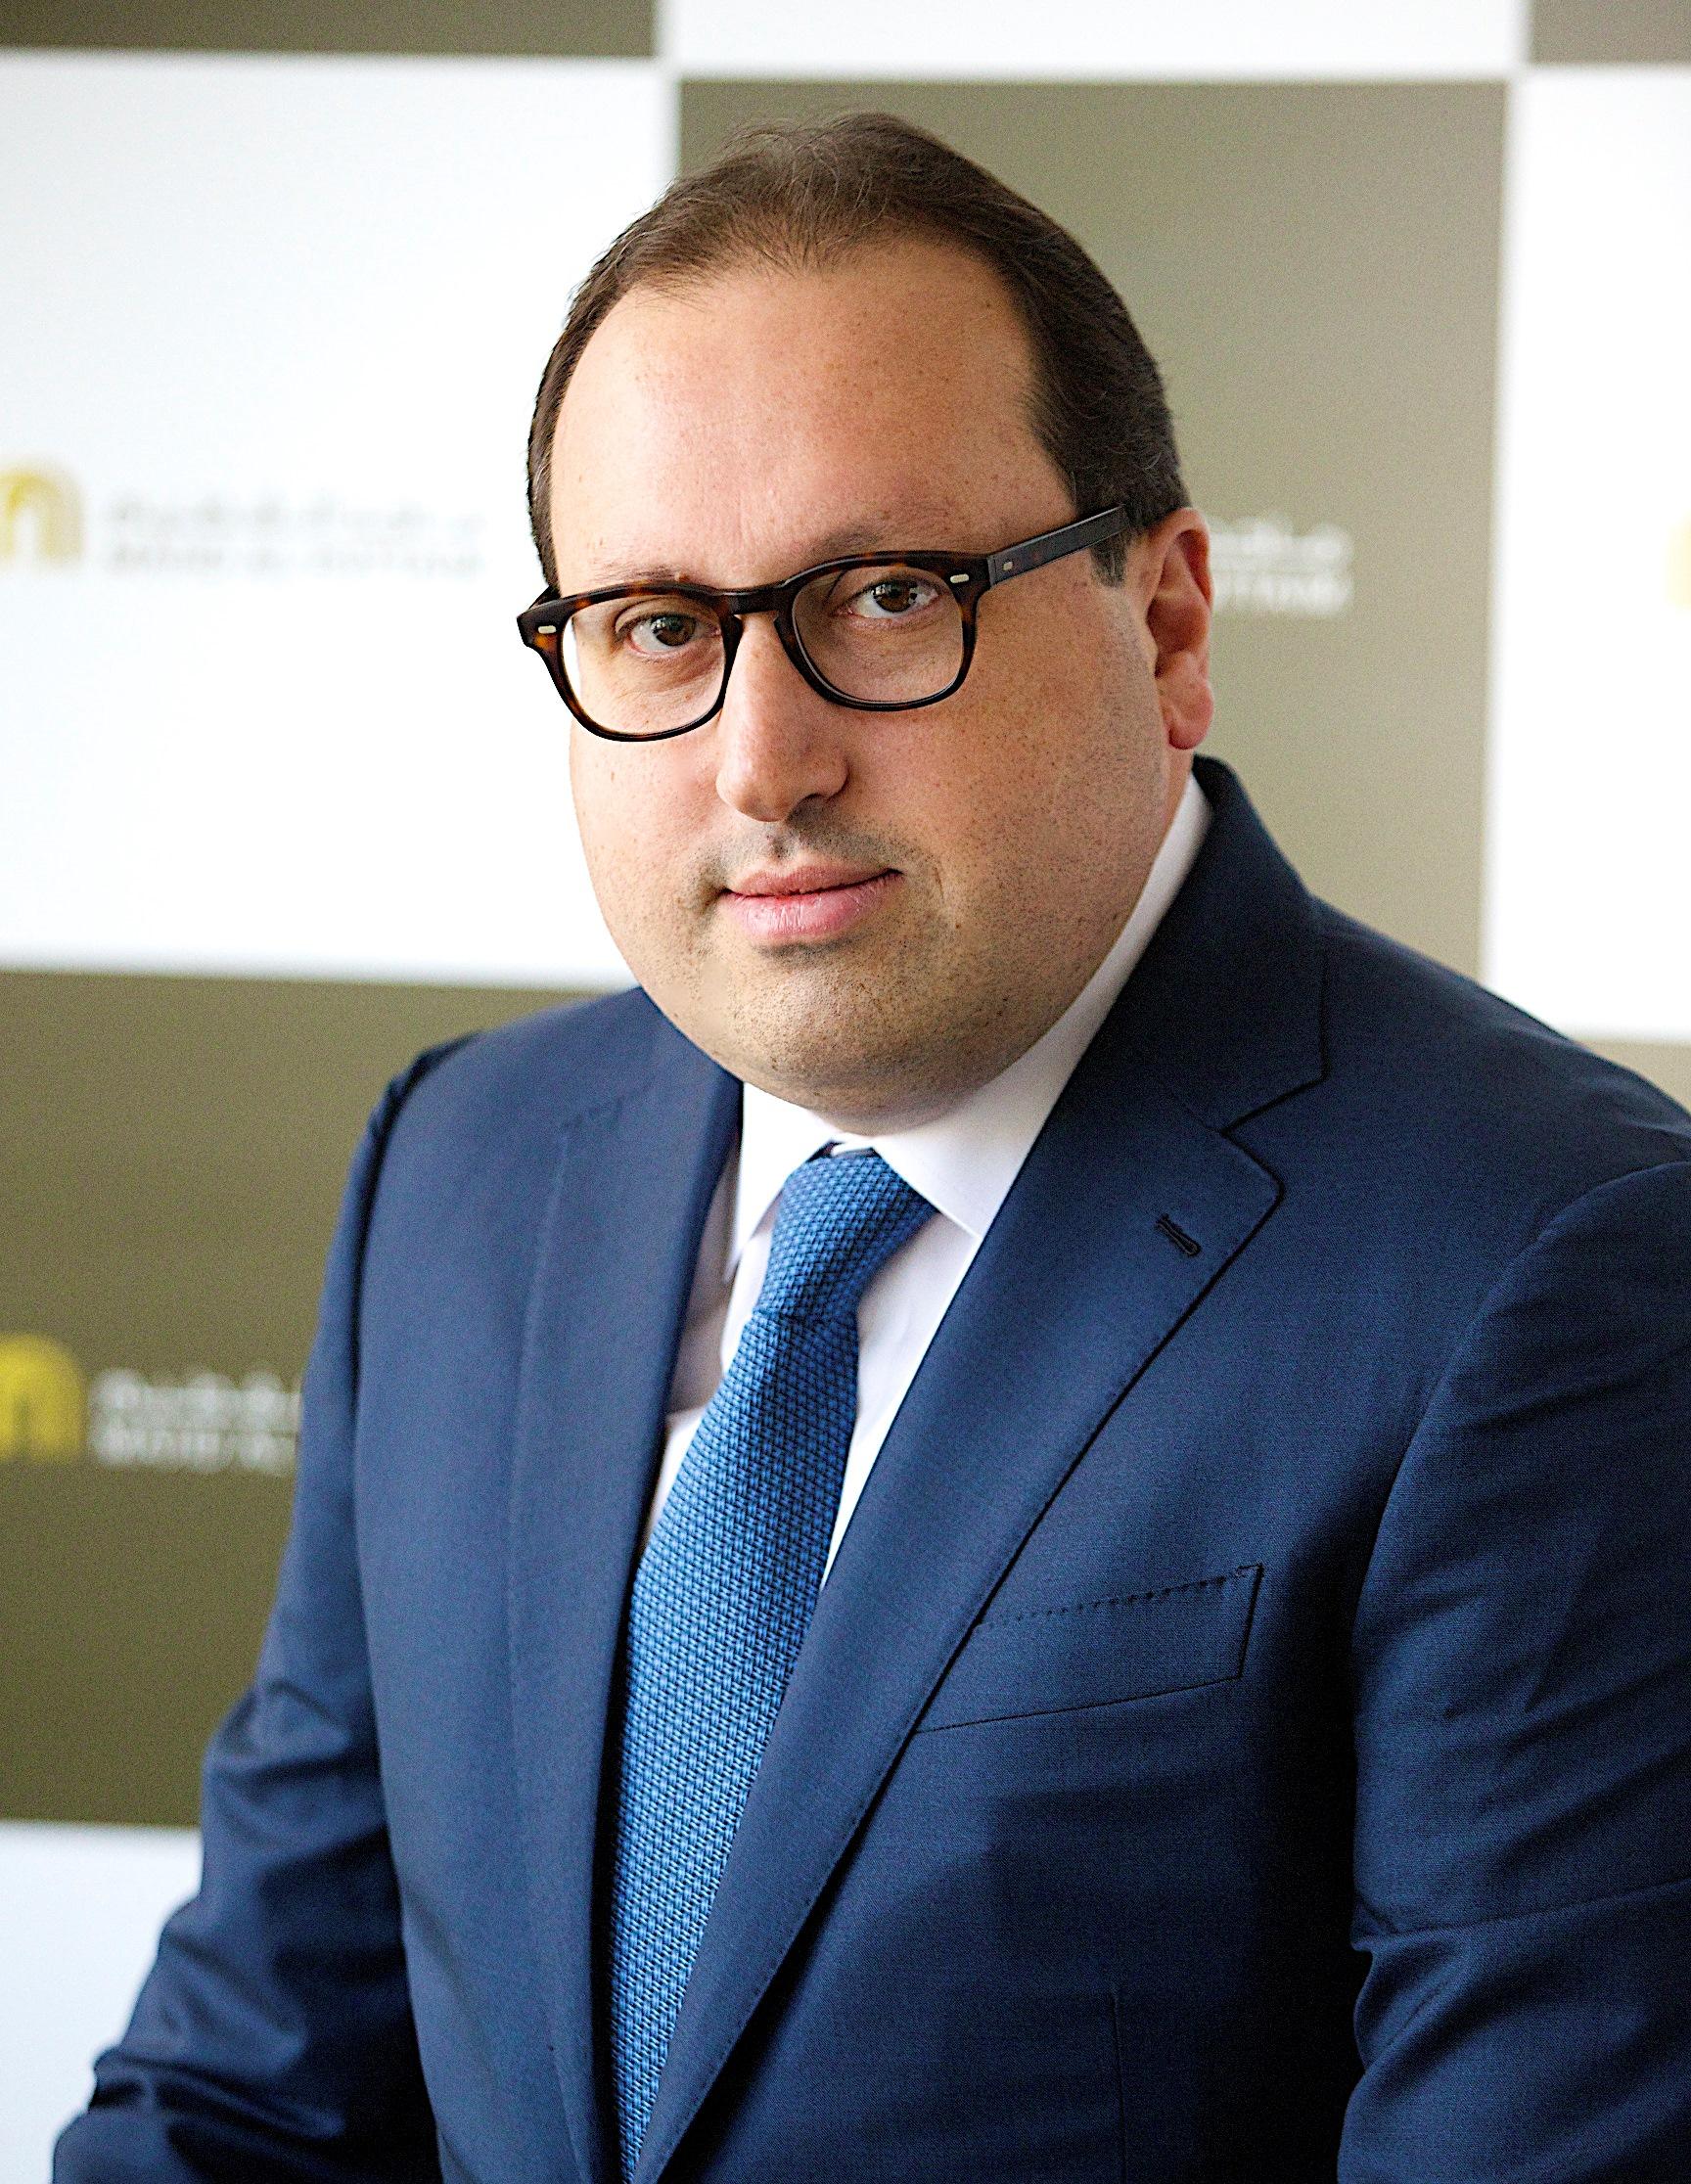 Alain Bejjan, Majid Al-Futtaim's CEO